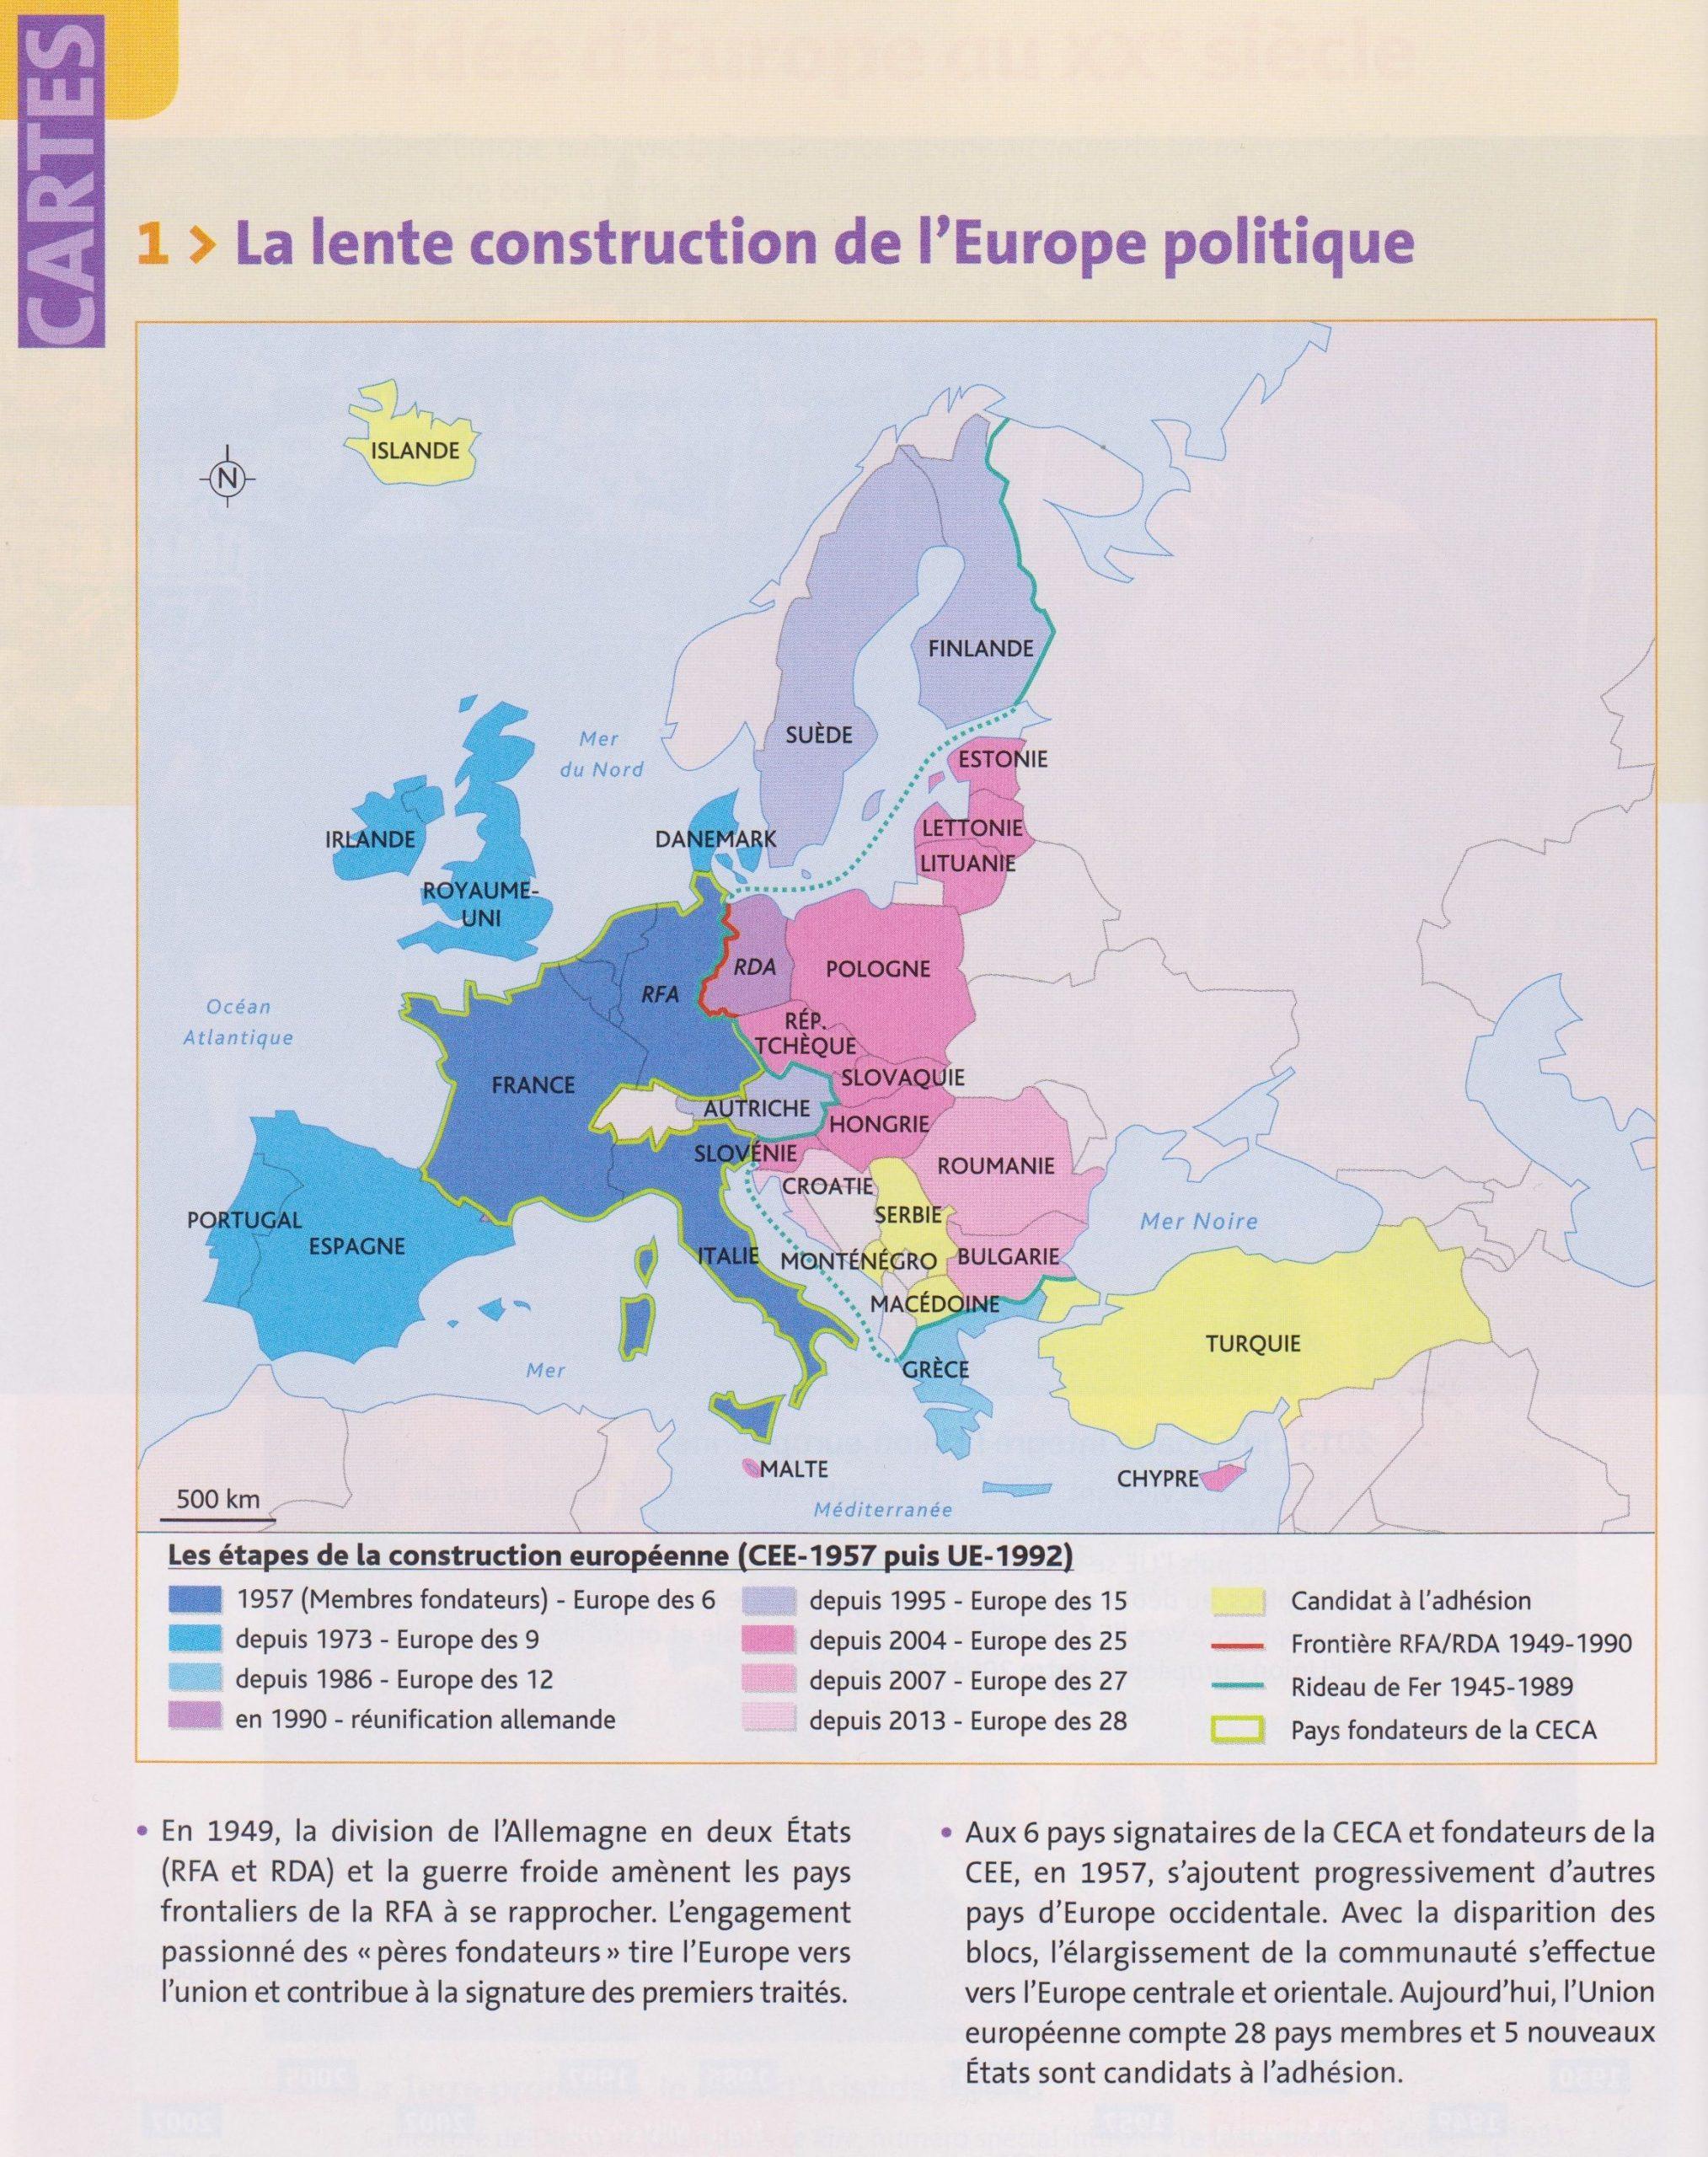 Tbacpro-H2 : La Lente Construction De L'europe Politique encequiconcerne Carte Construction Européenne